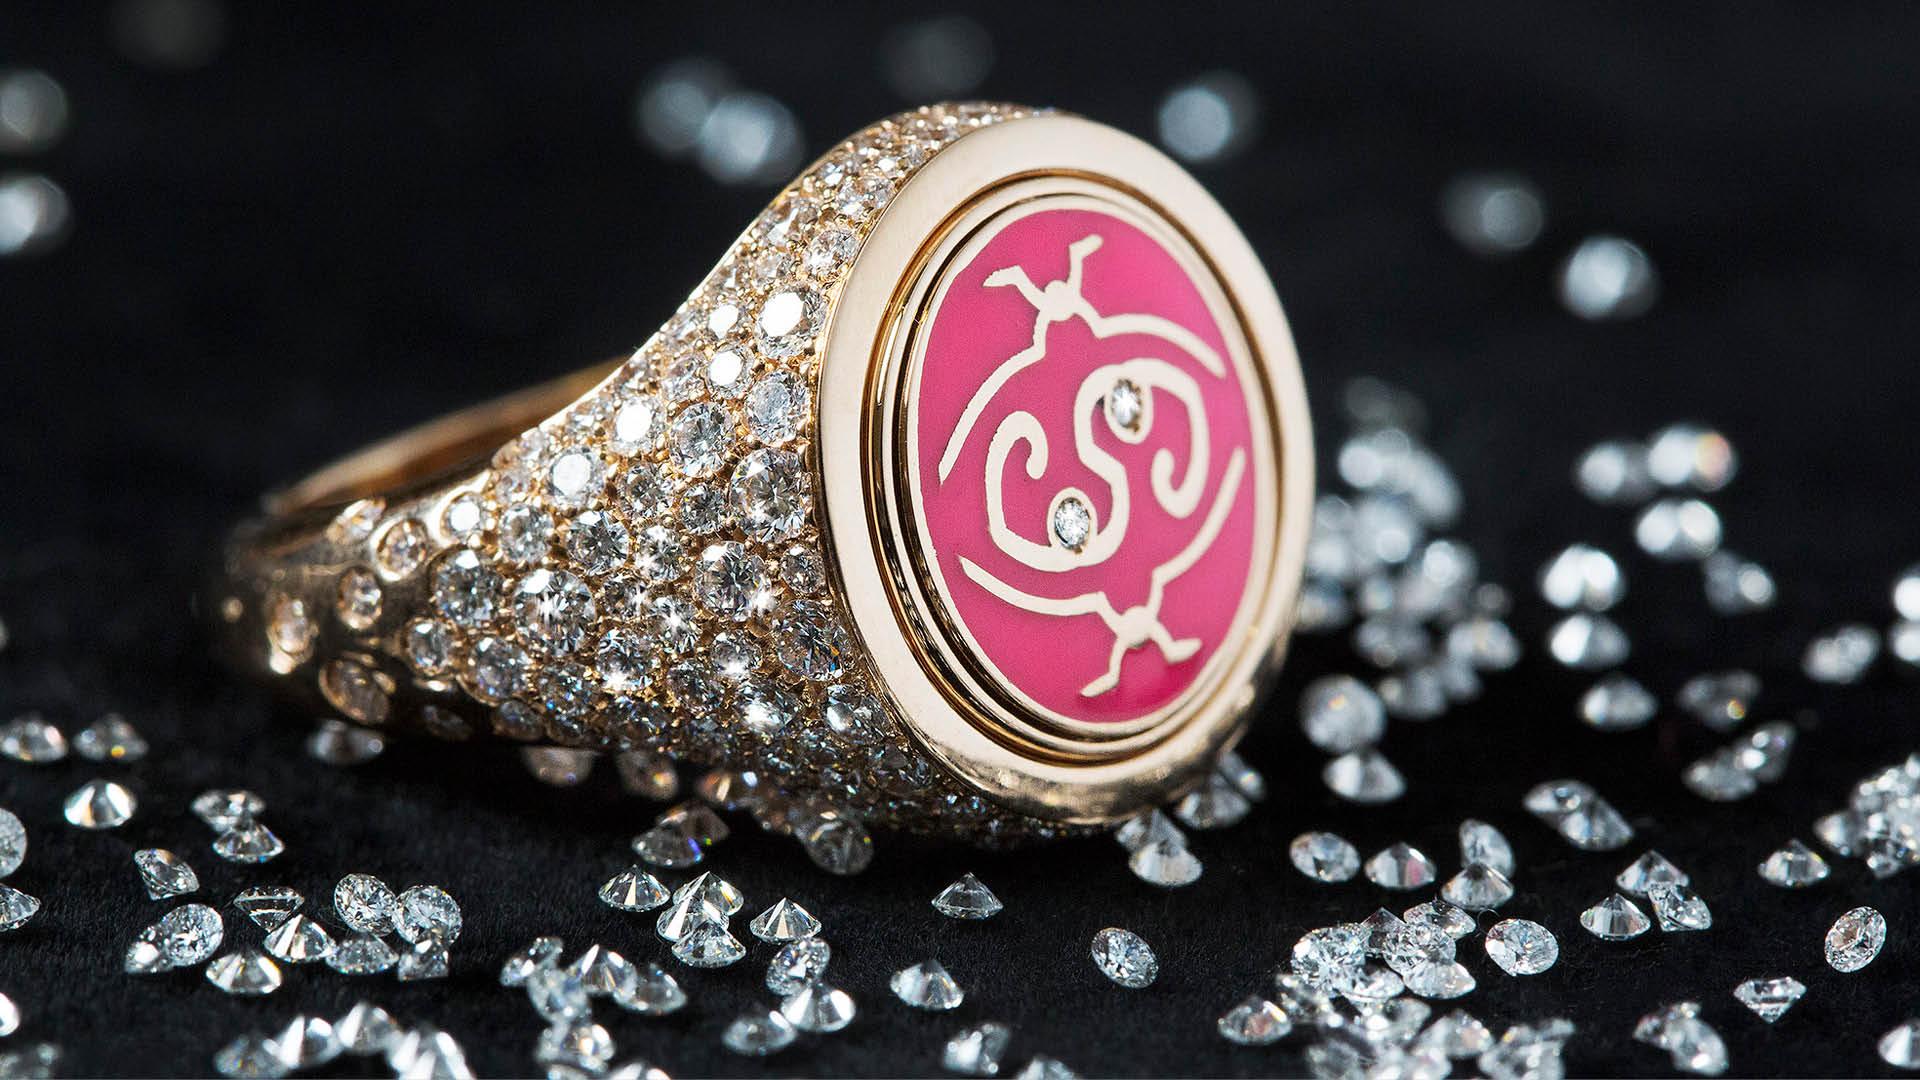 Intisars-Me-Oh-My-Enamel-Diamond-Ring